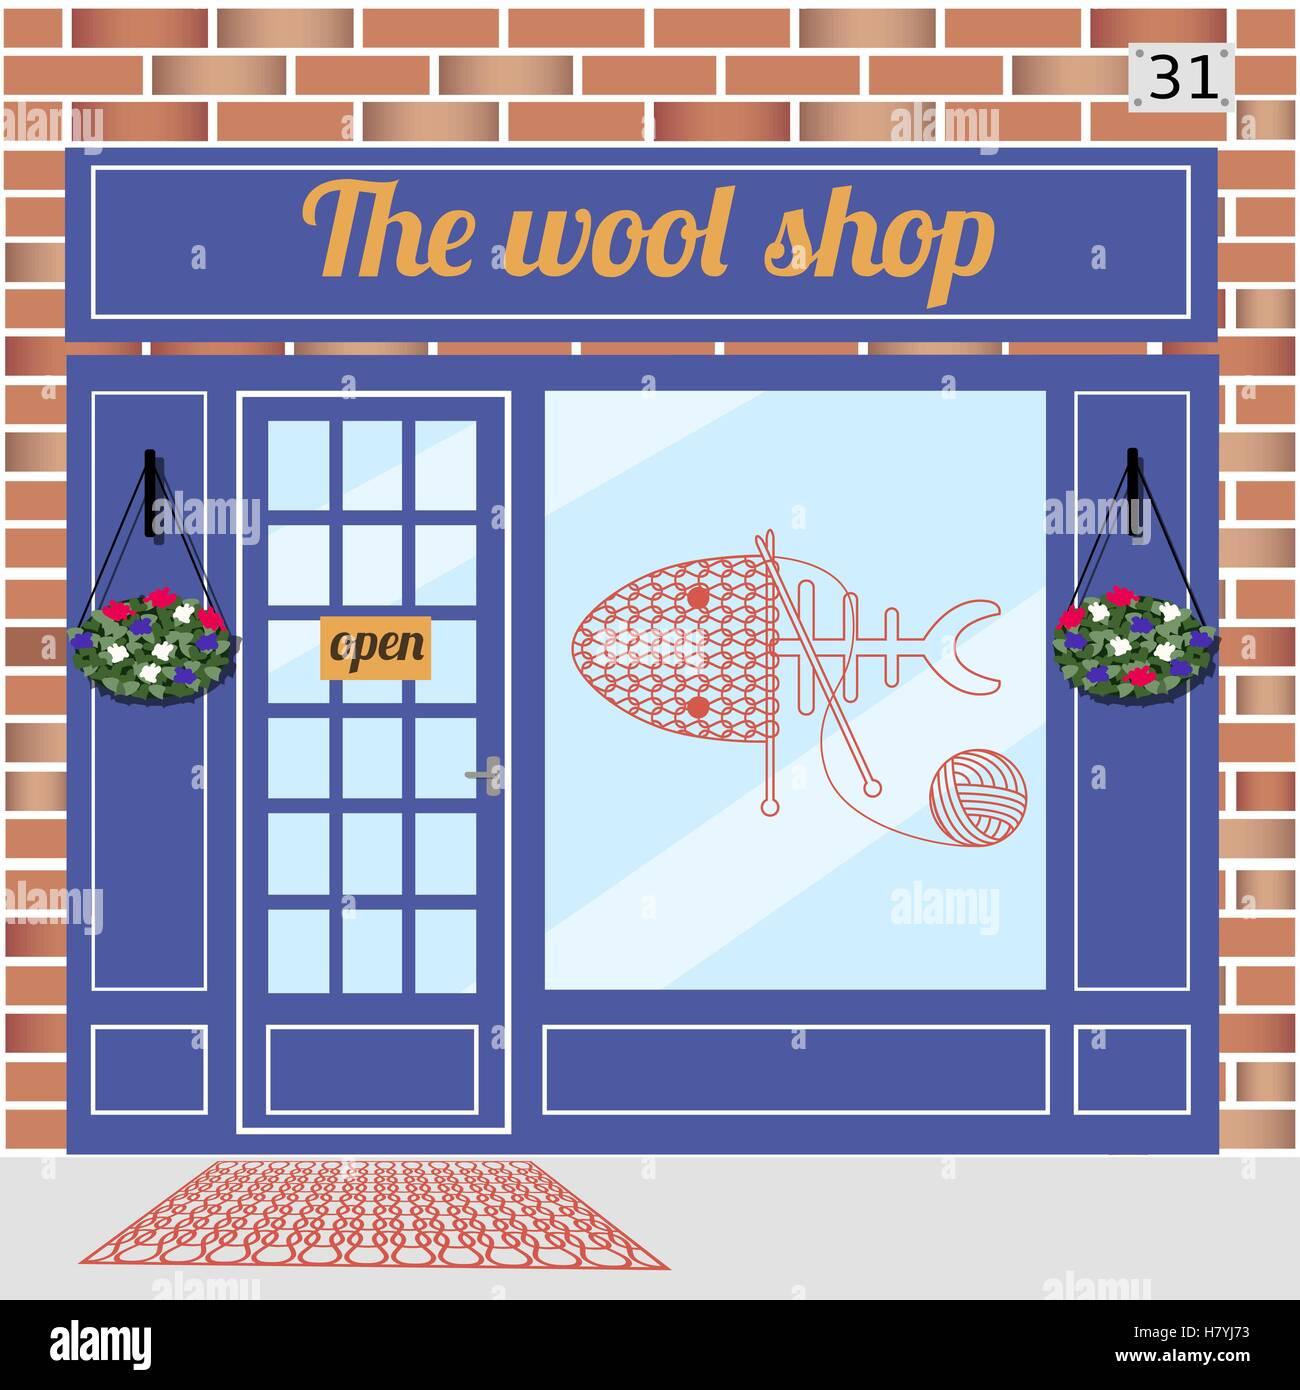 Wool shop building - Stock Vector